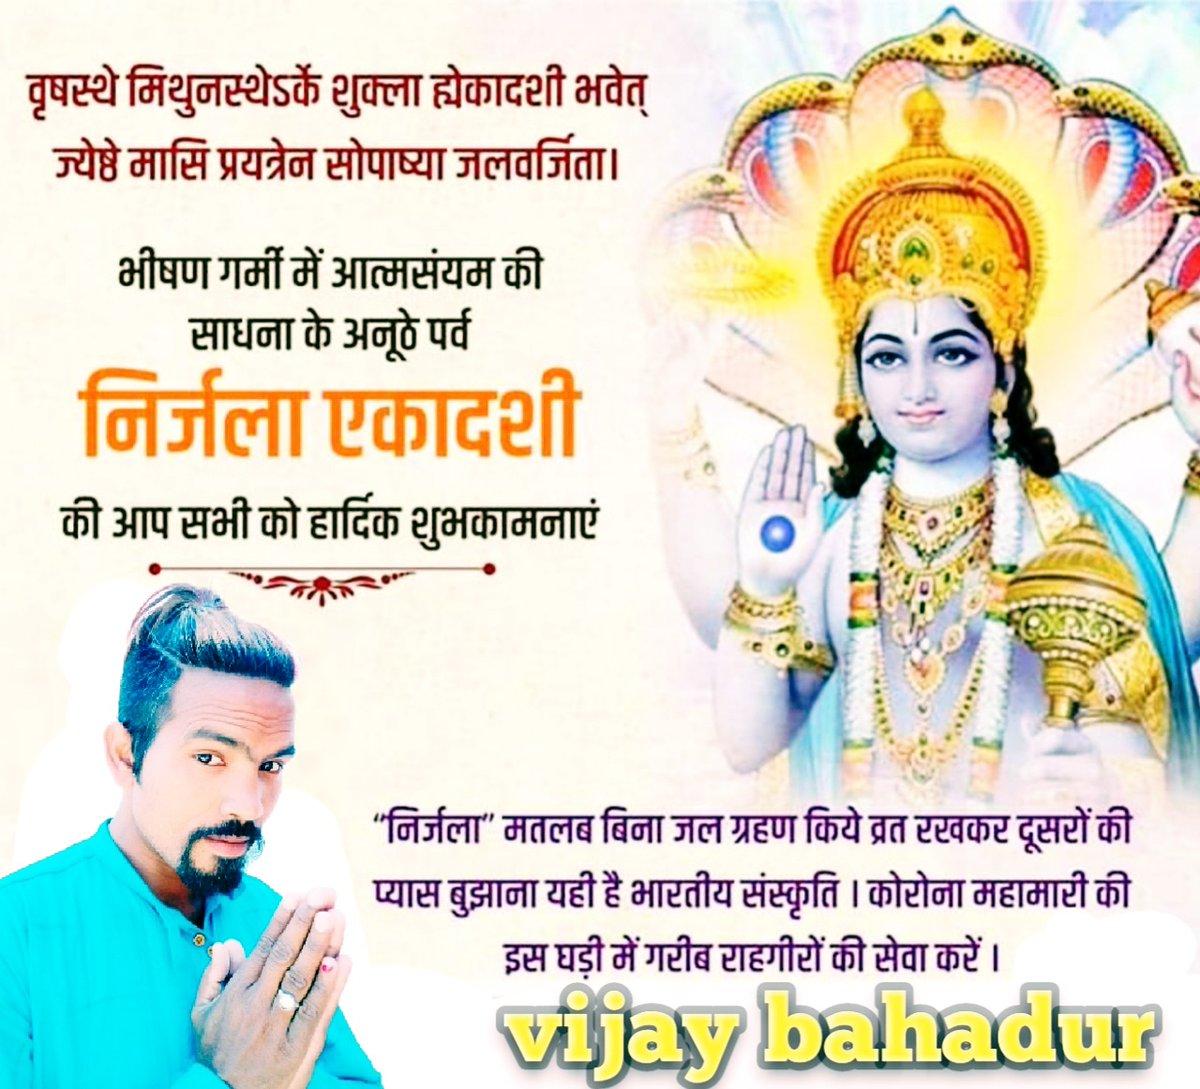 ज्येष्ठ मास के शुक्ल पक्ष की #निर्जला_एकादशी की हार्दिक शुभकामनायें।  भगवान श्रीहरि विष्णु जी की उपासना का यह महापर्व आपकी सभी मनोकामनाएं पूर्ण करें तथा जीवन में अपार सुख-समृद्धि, वैभव व खुशहाली लाएं। https://t.co/pACT5kKnBD